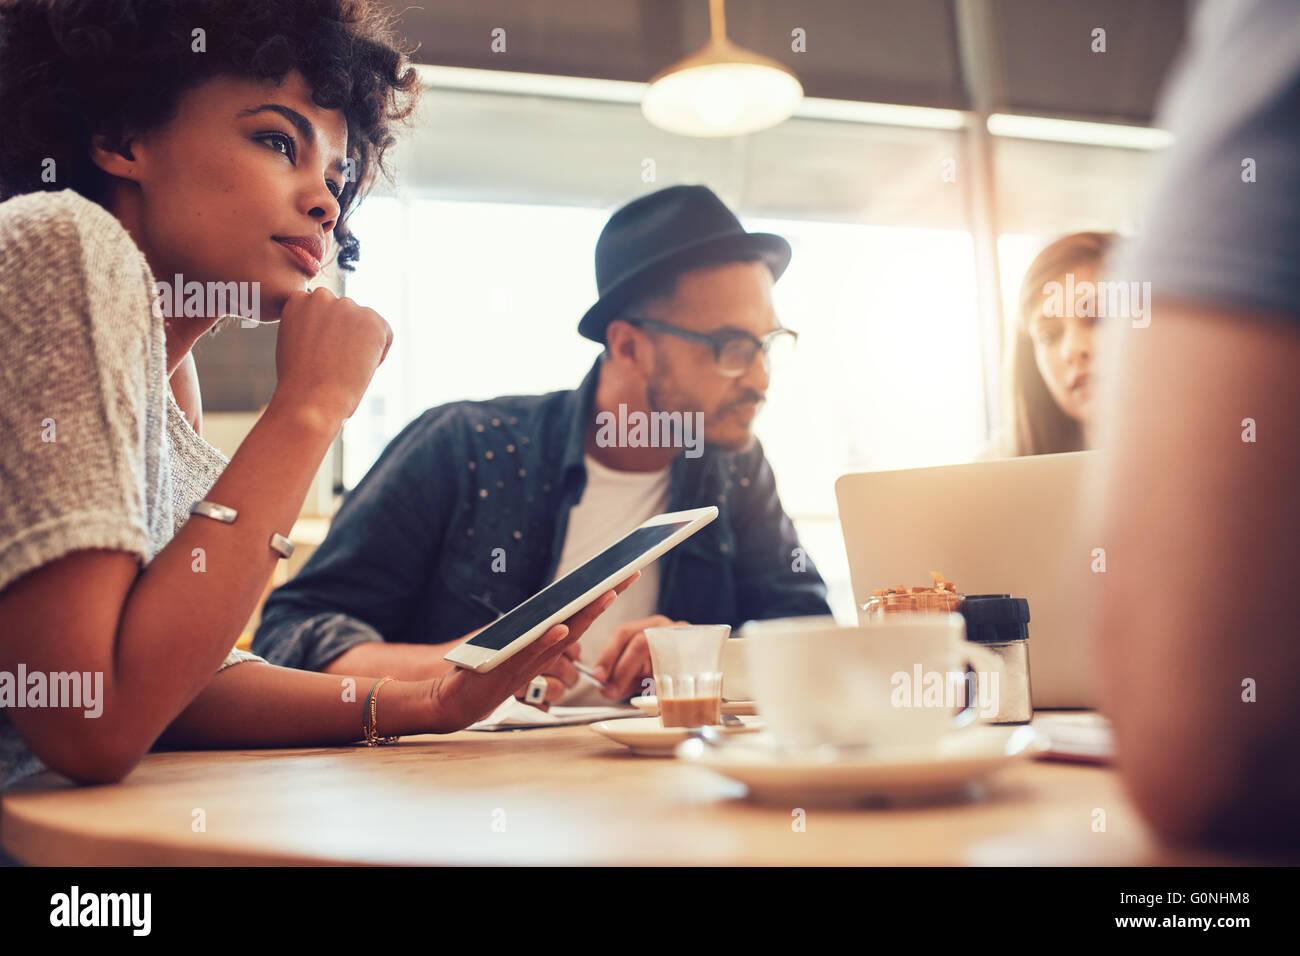 Porträt von Afrikanerin mit digital-Tablette und Menschen im Hintergrund an einem Cafétisch hautnah. Junge Stockbild